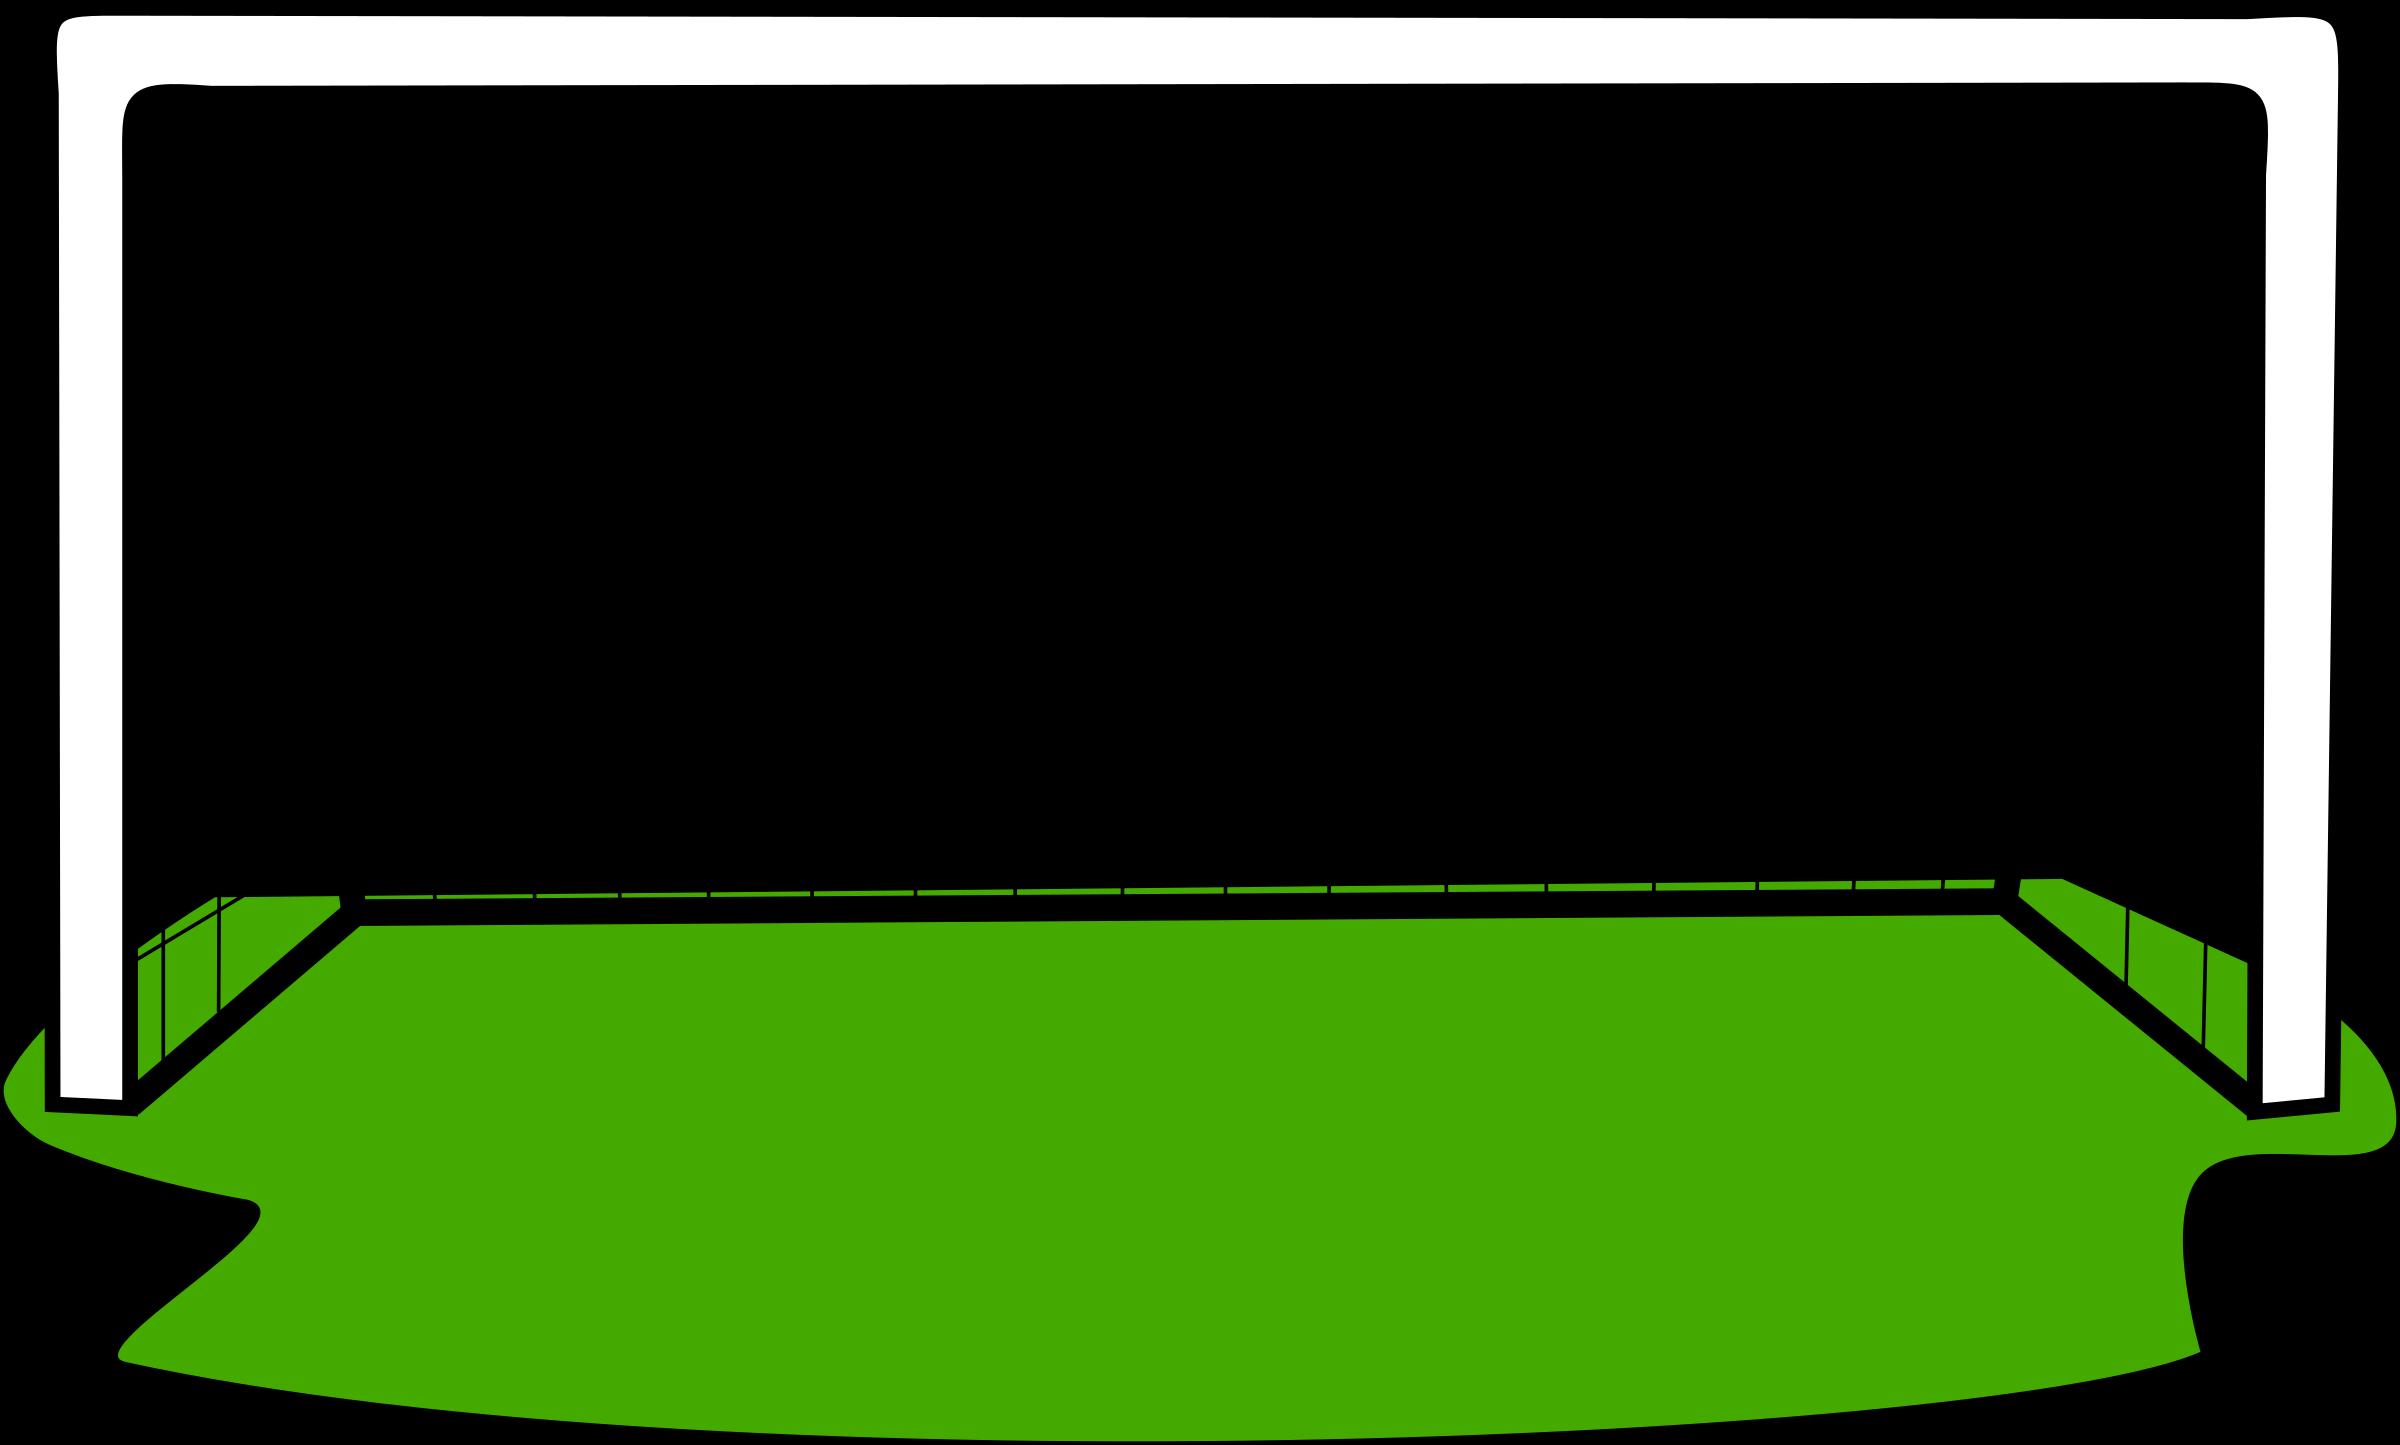 Goal with grass big. Goals clipart medium